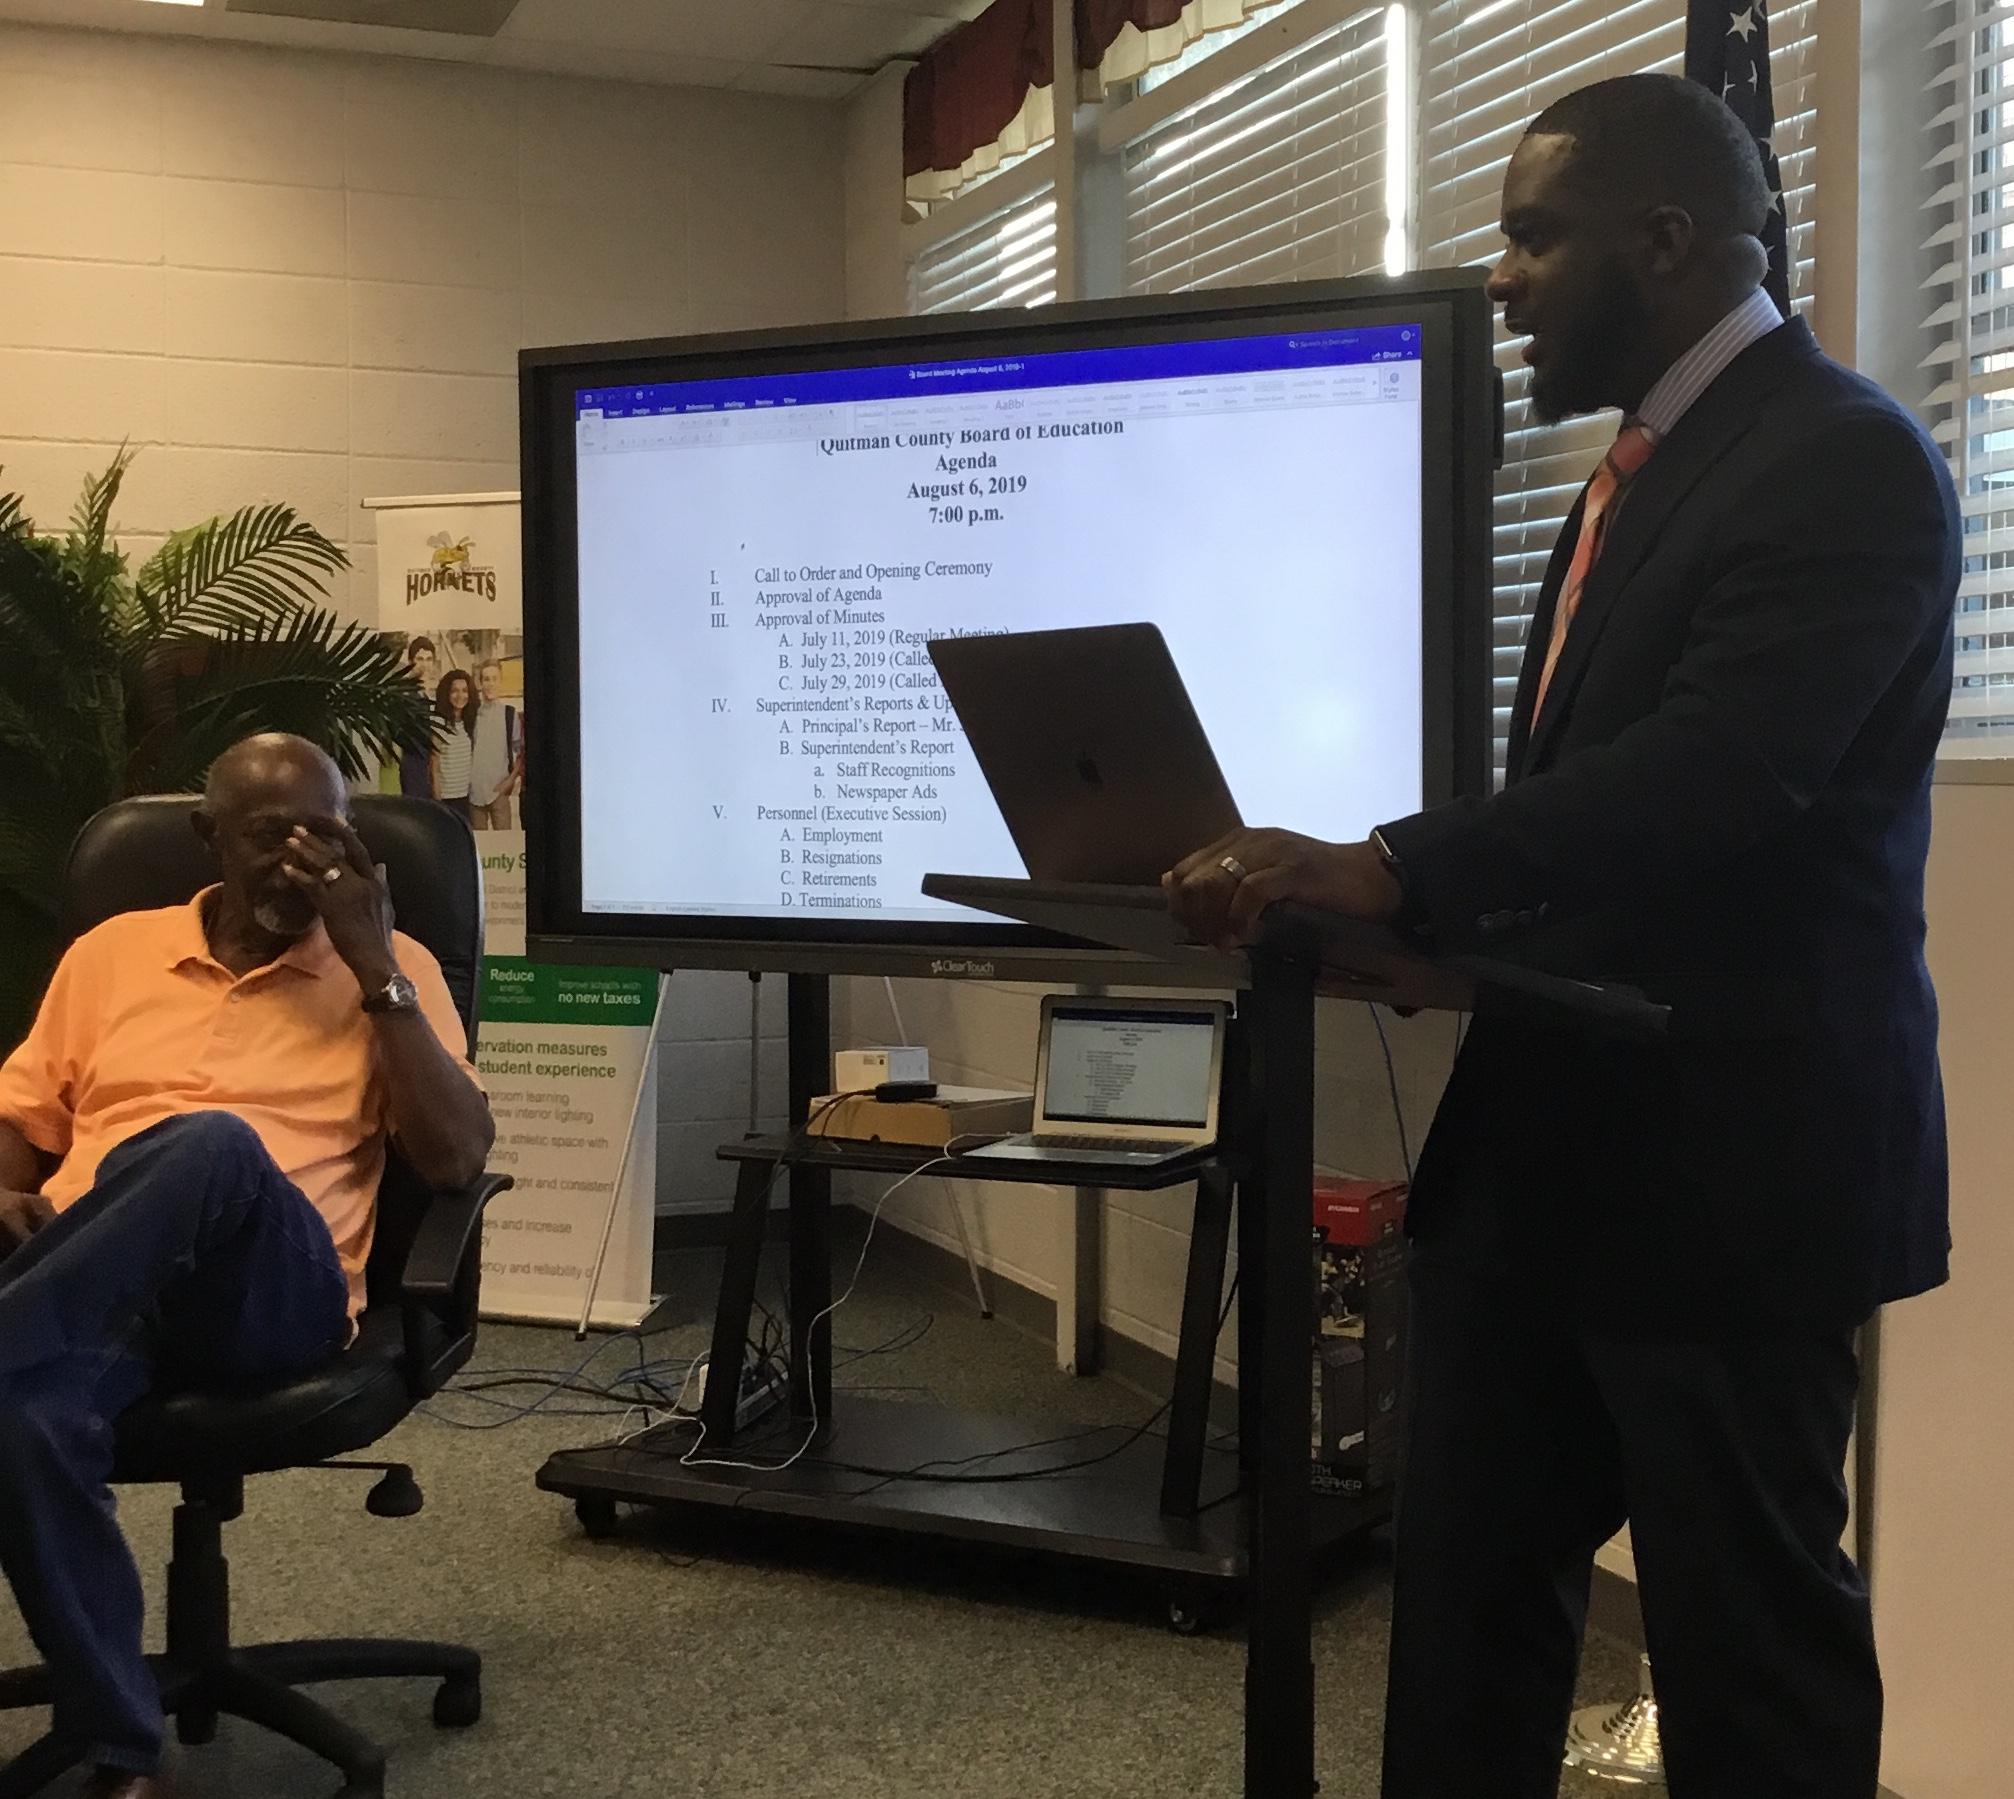 Mr Jones, Asst Superintendent and Principal